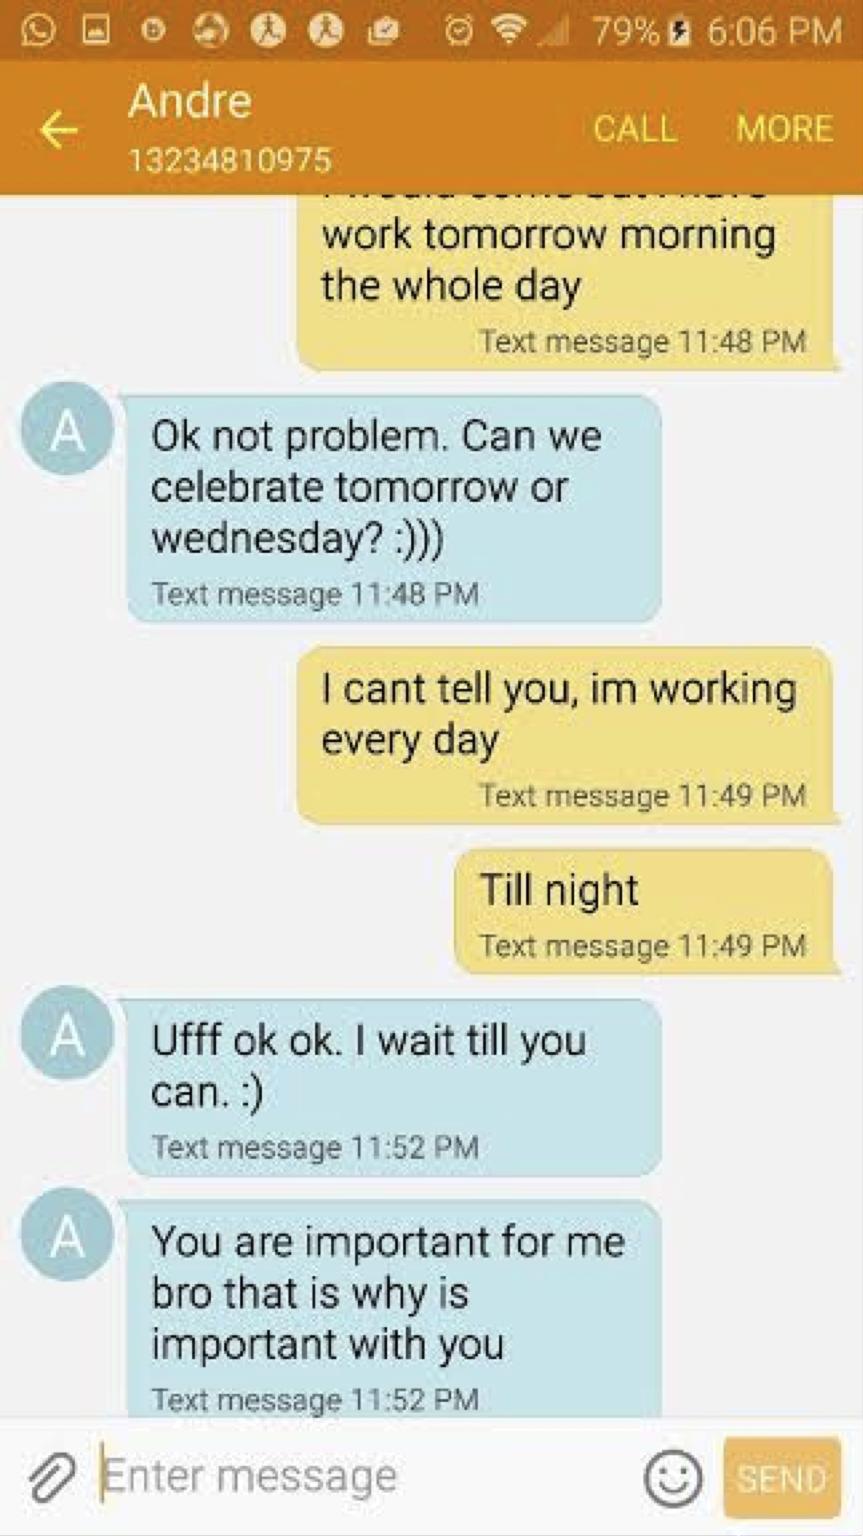 AAGA text3